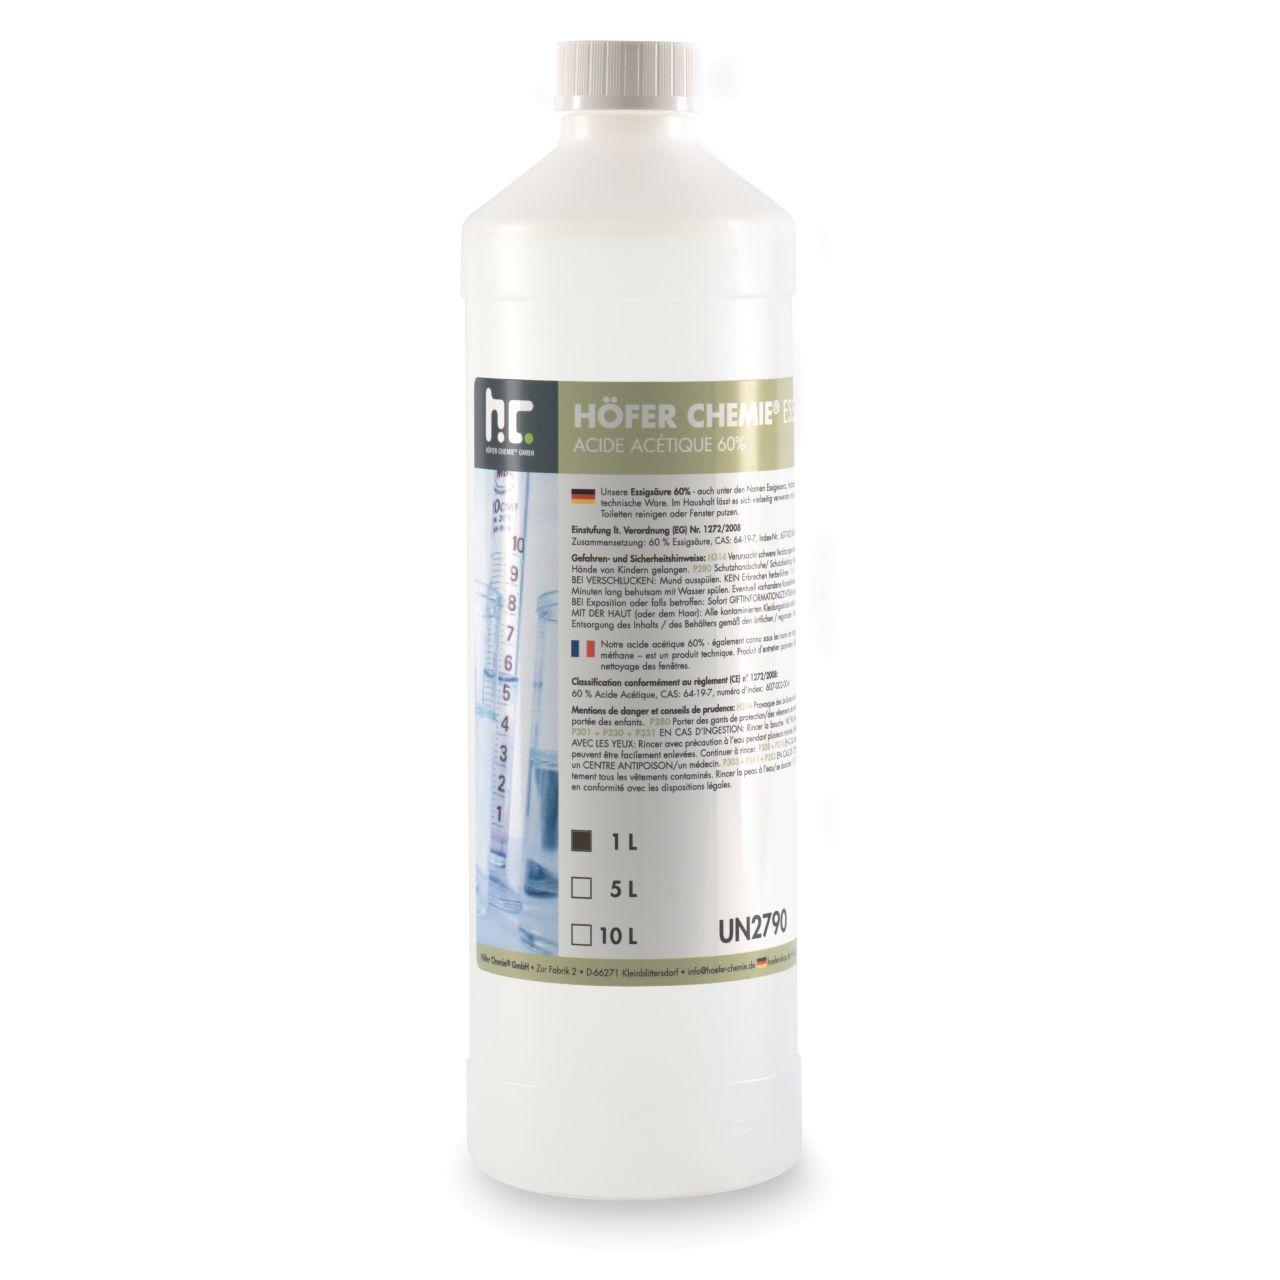 Höfer Chemie 1 l Acide Acétique 60% (1 x 1 l)